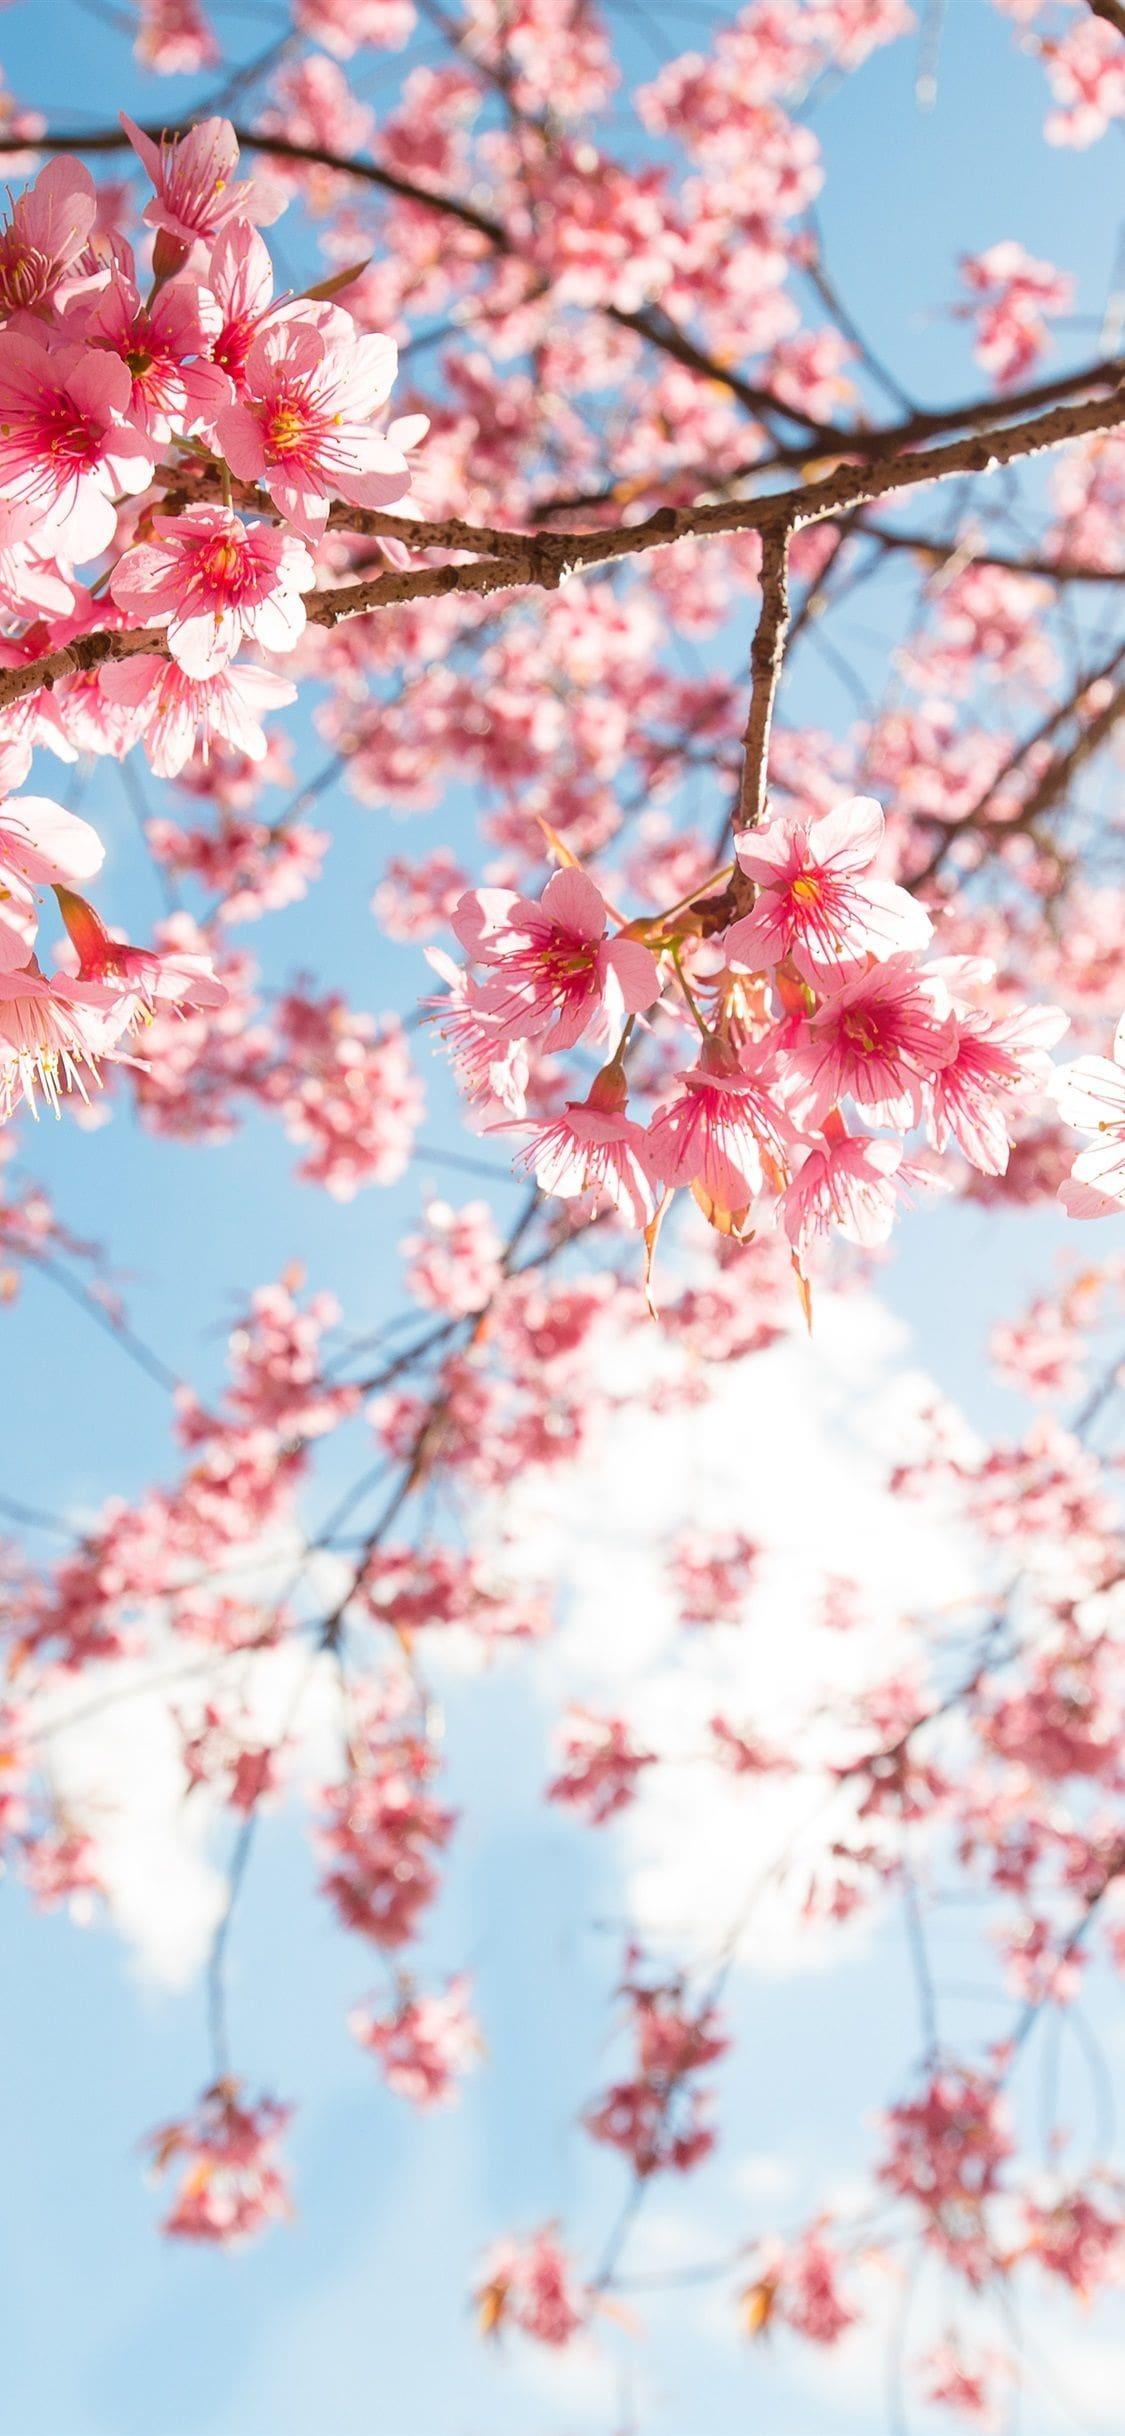 Cherry Blossom Wallpaper Enjpg